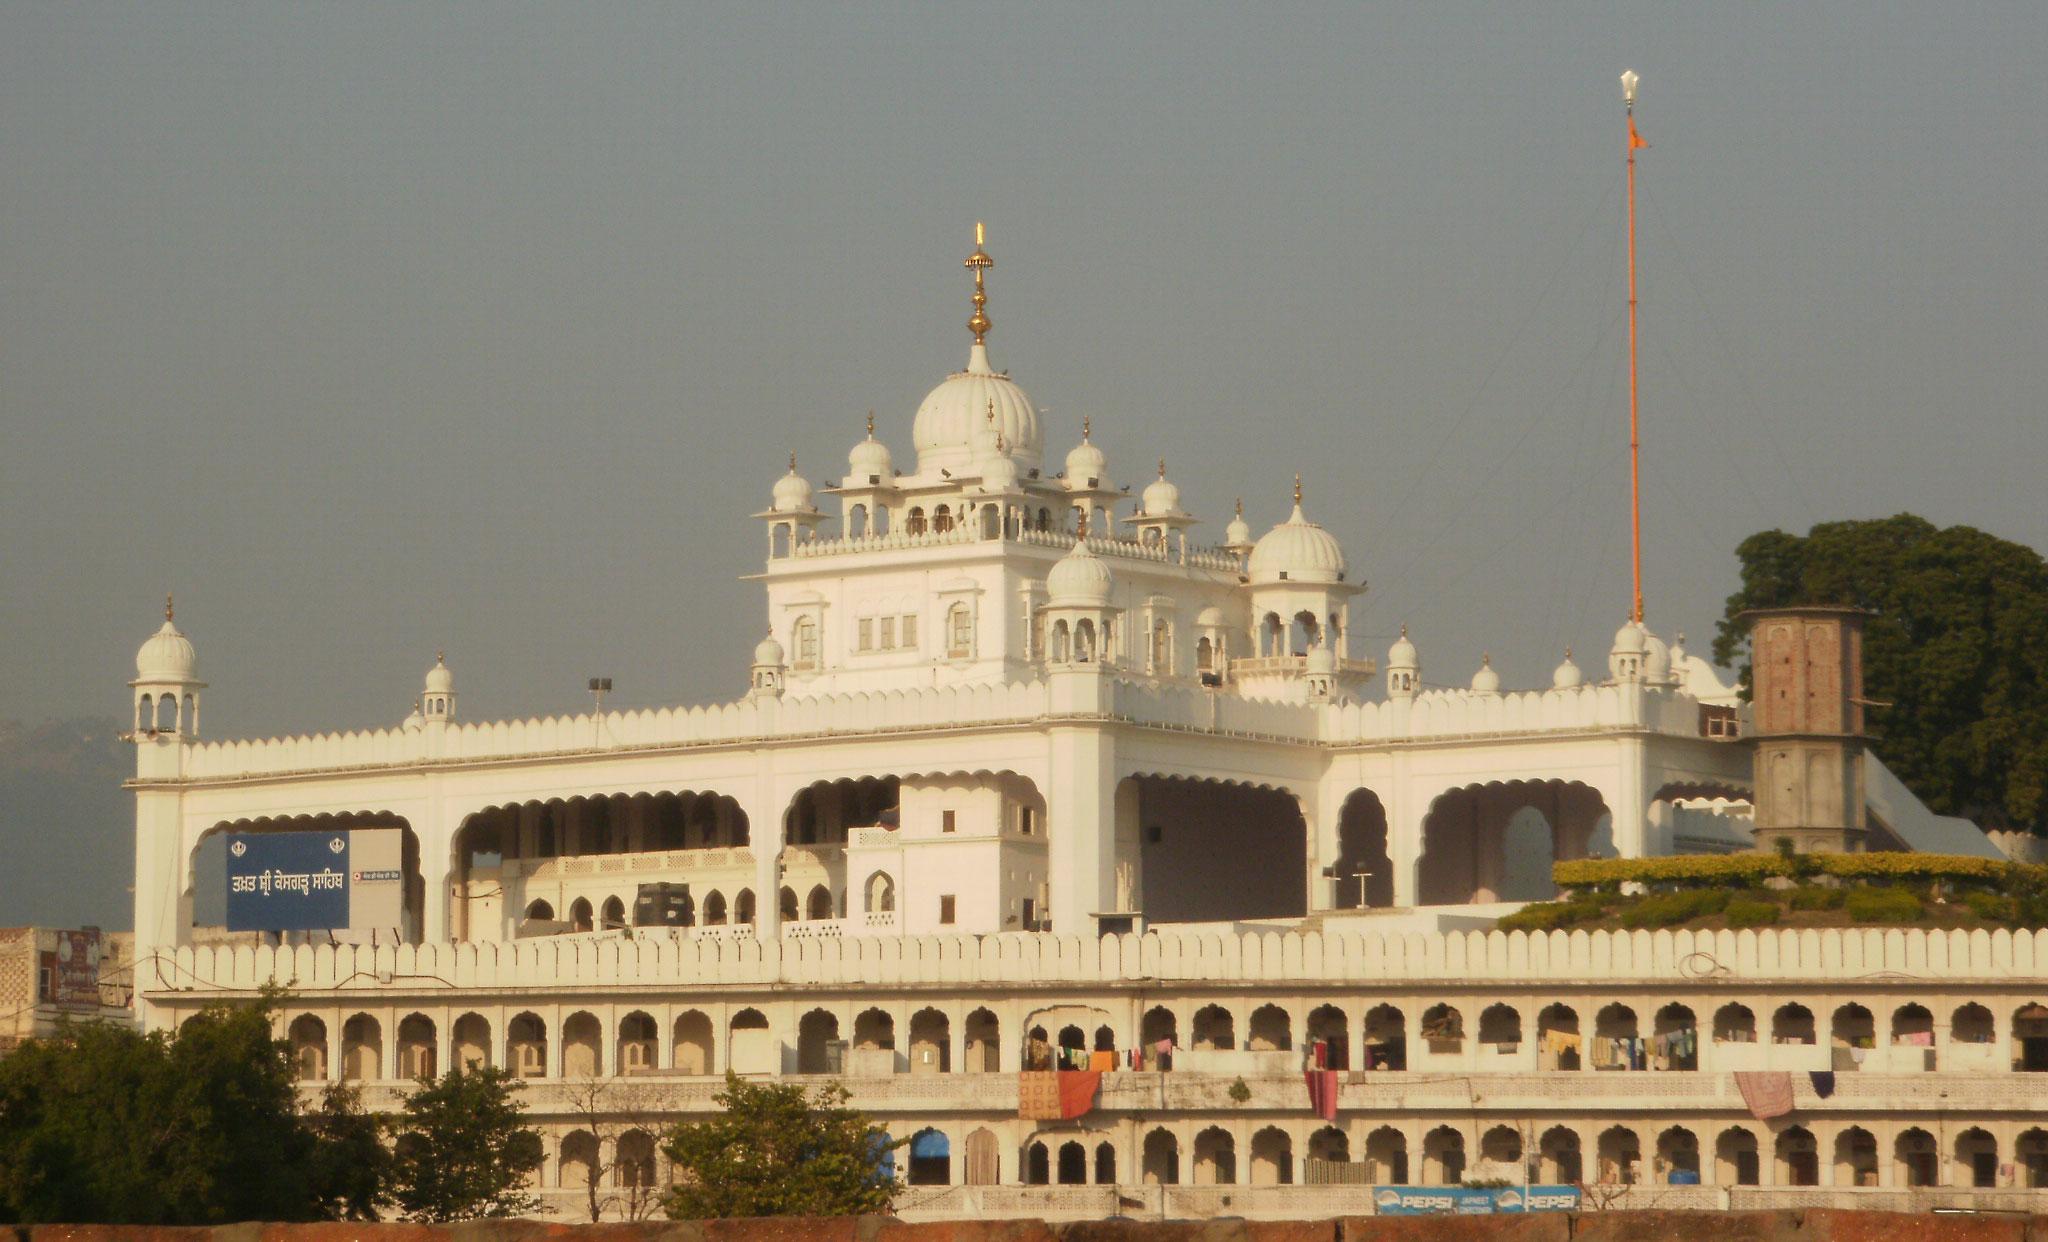 Anandpur Sahib - Gurudwara Anandpur Sahib - Keshgarh Sahib